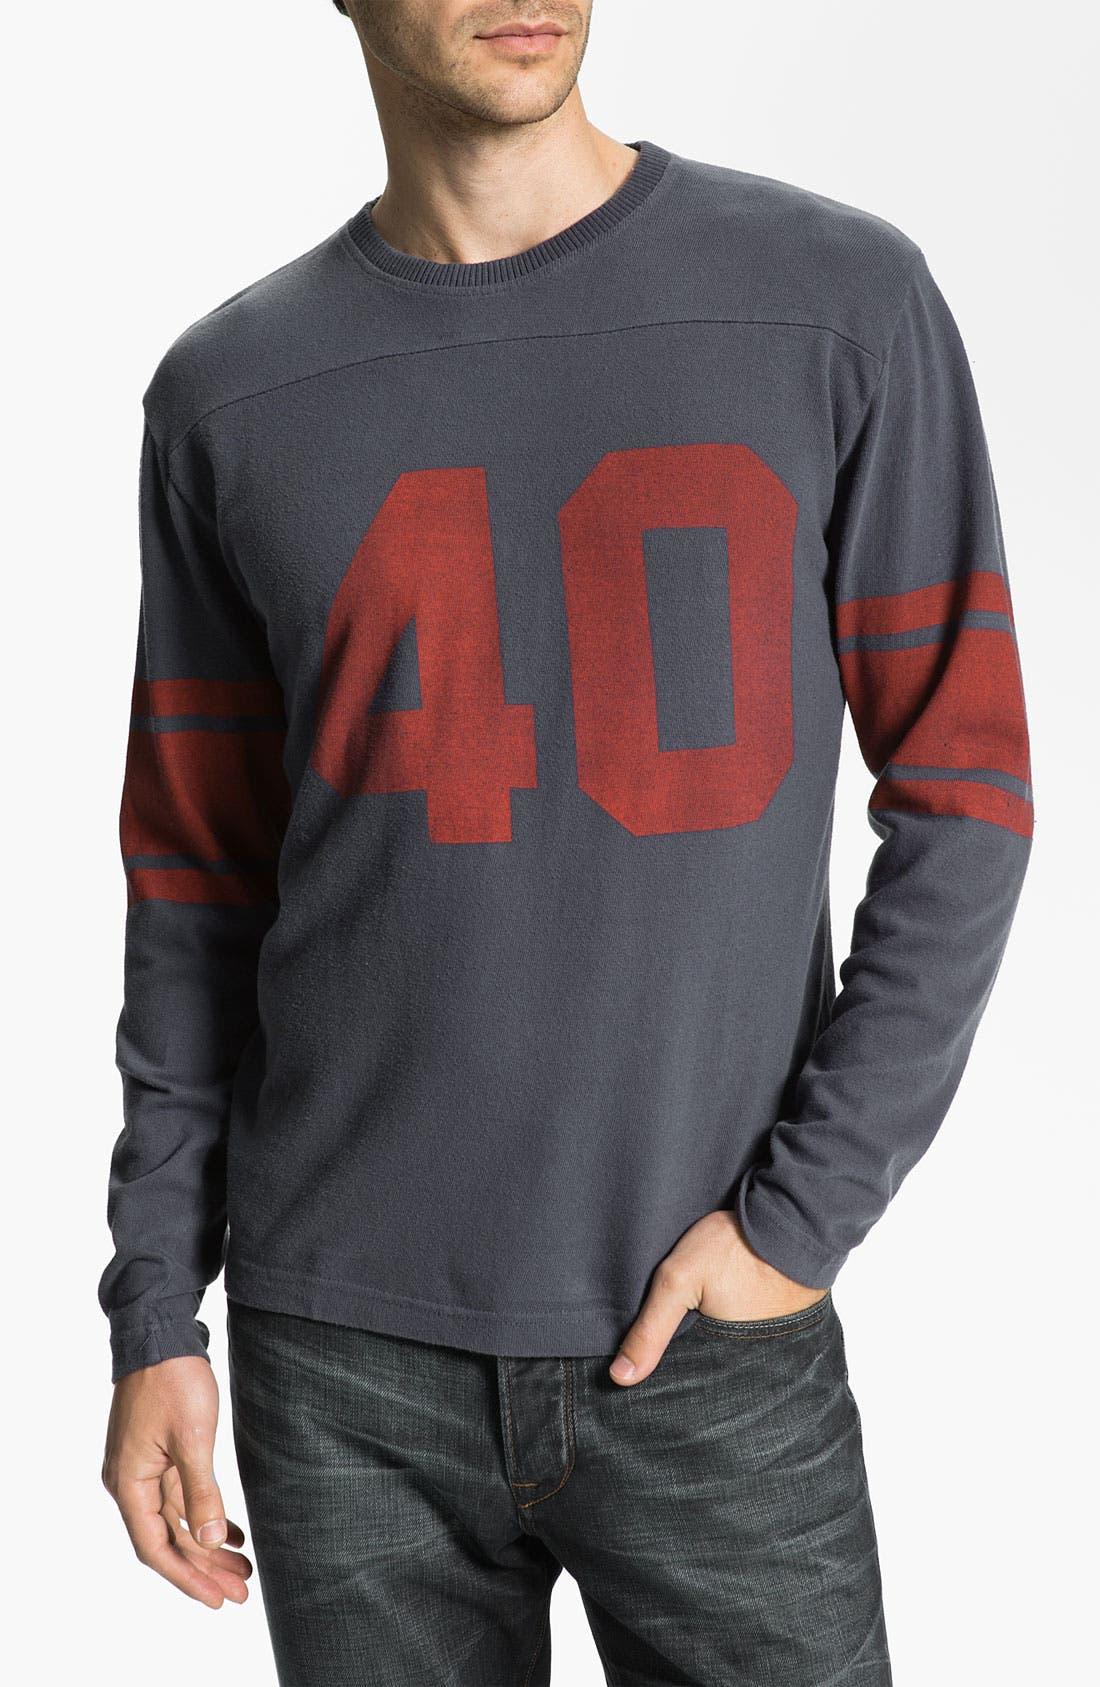 Main Image - Red Jacket 'Gale Sayers - Bulldog' Long Sleeve T-Shirt